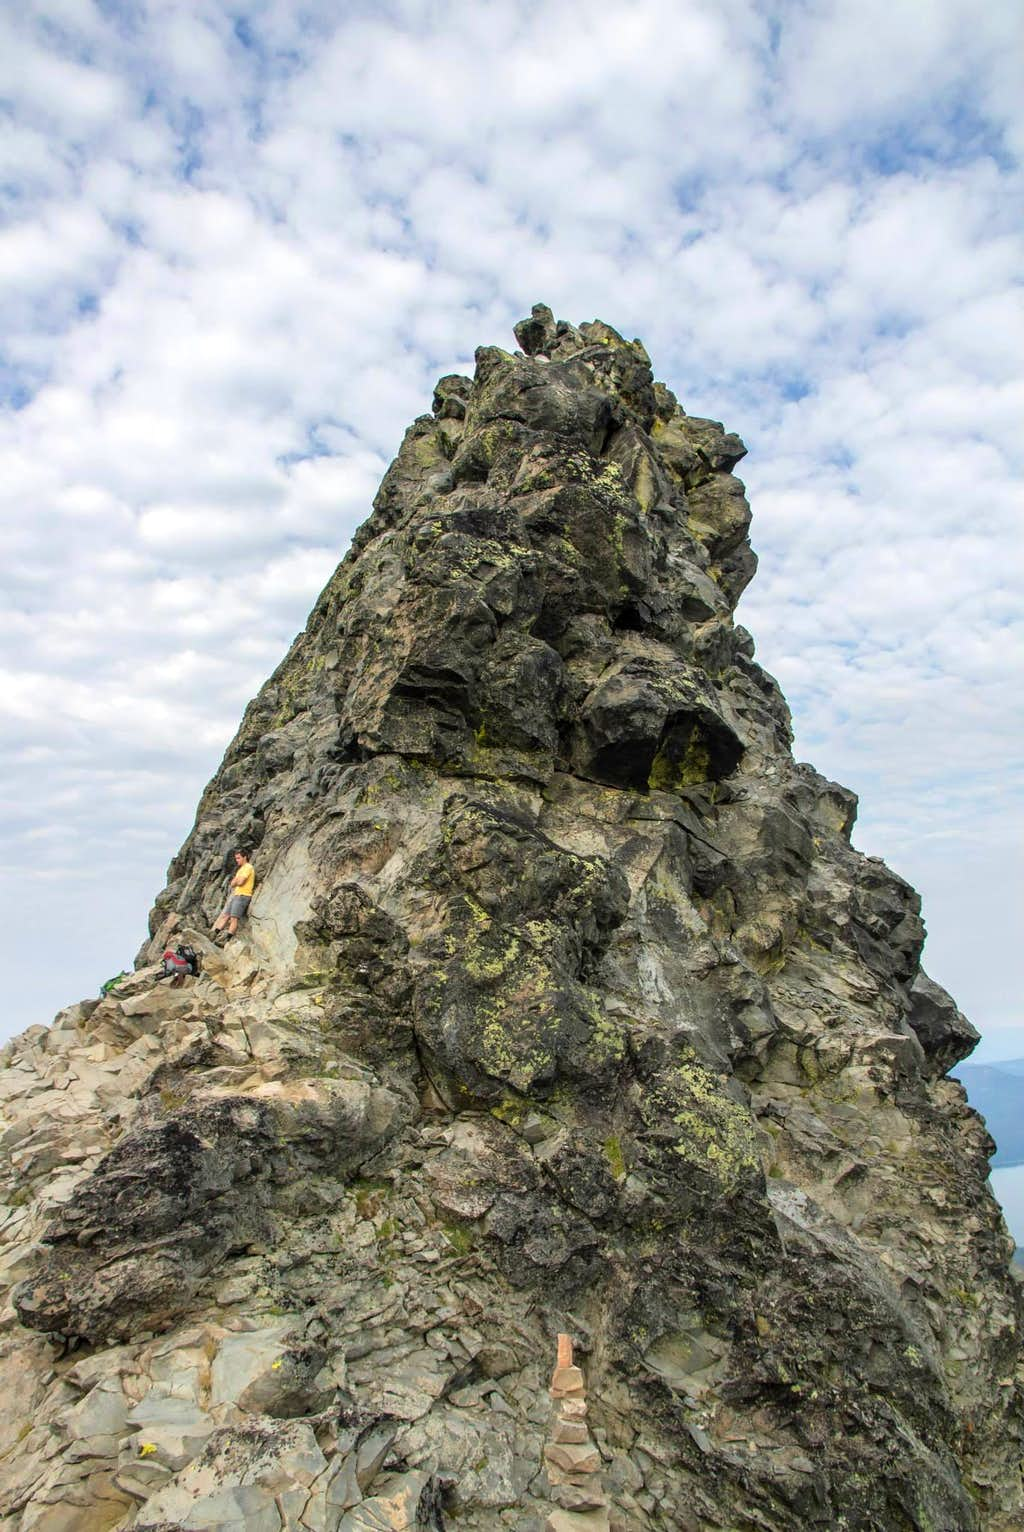 View looking SE at Mt. Thielsen Pinnacle